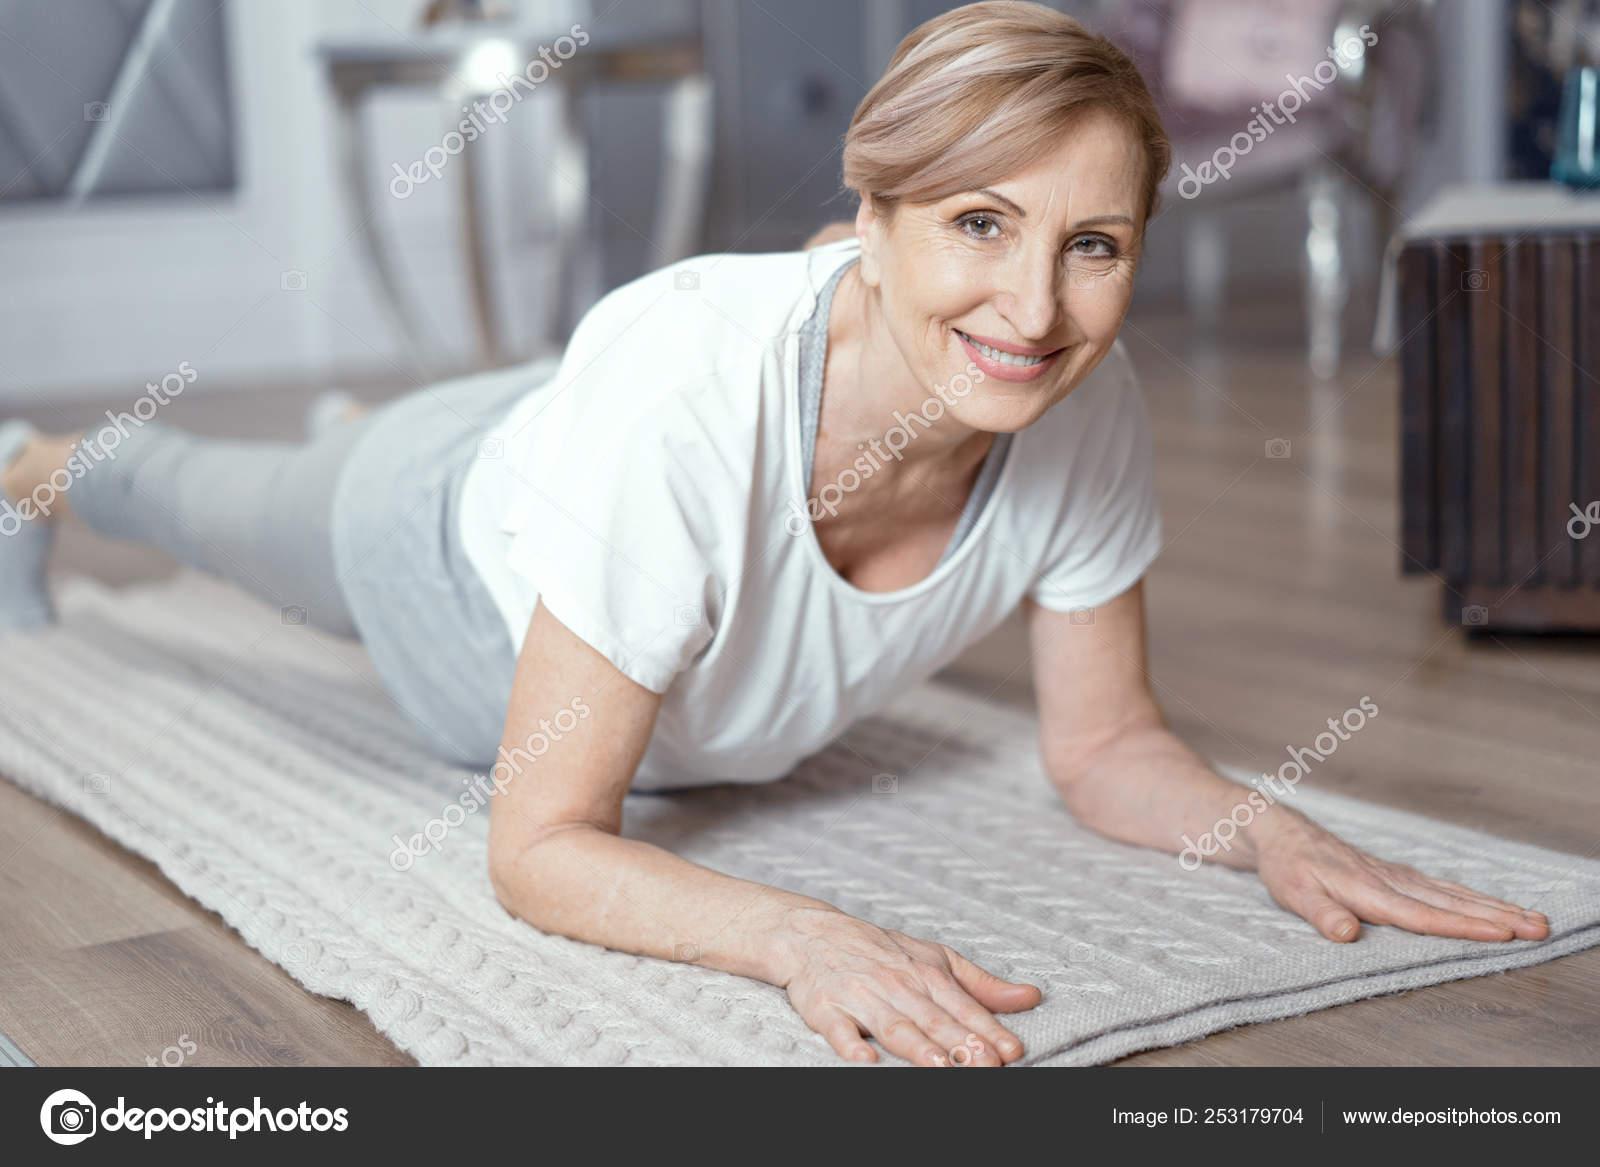 Yoga Classes At Home Beautiful Women Over 50 Years Stock Photo C Svyatoslavlipik 253179704